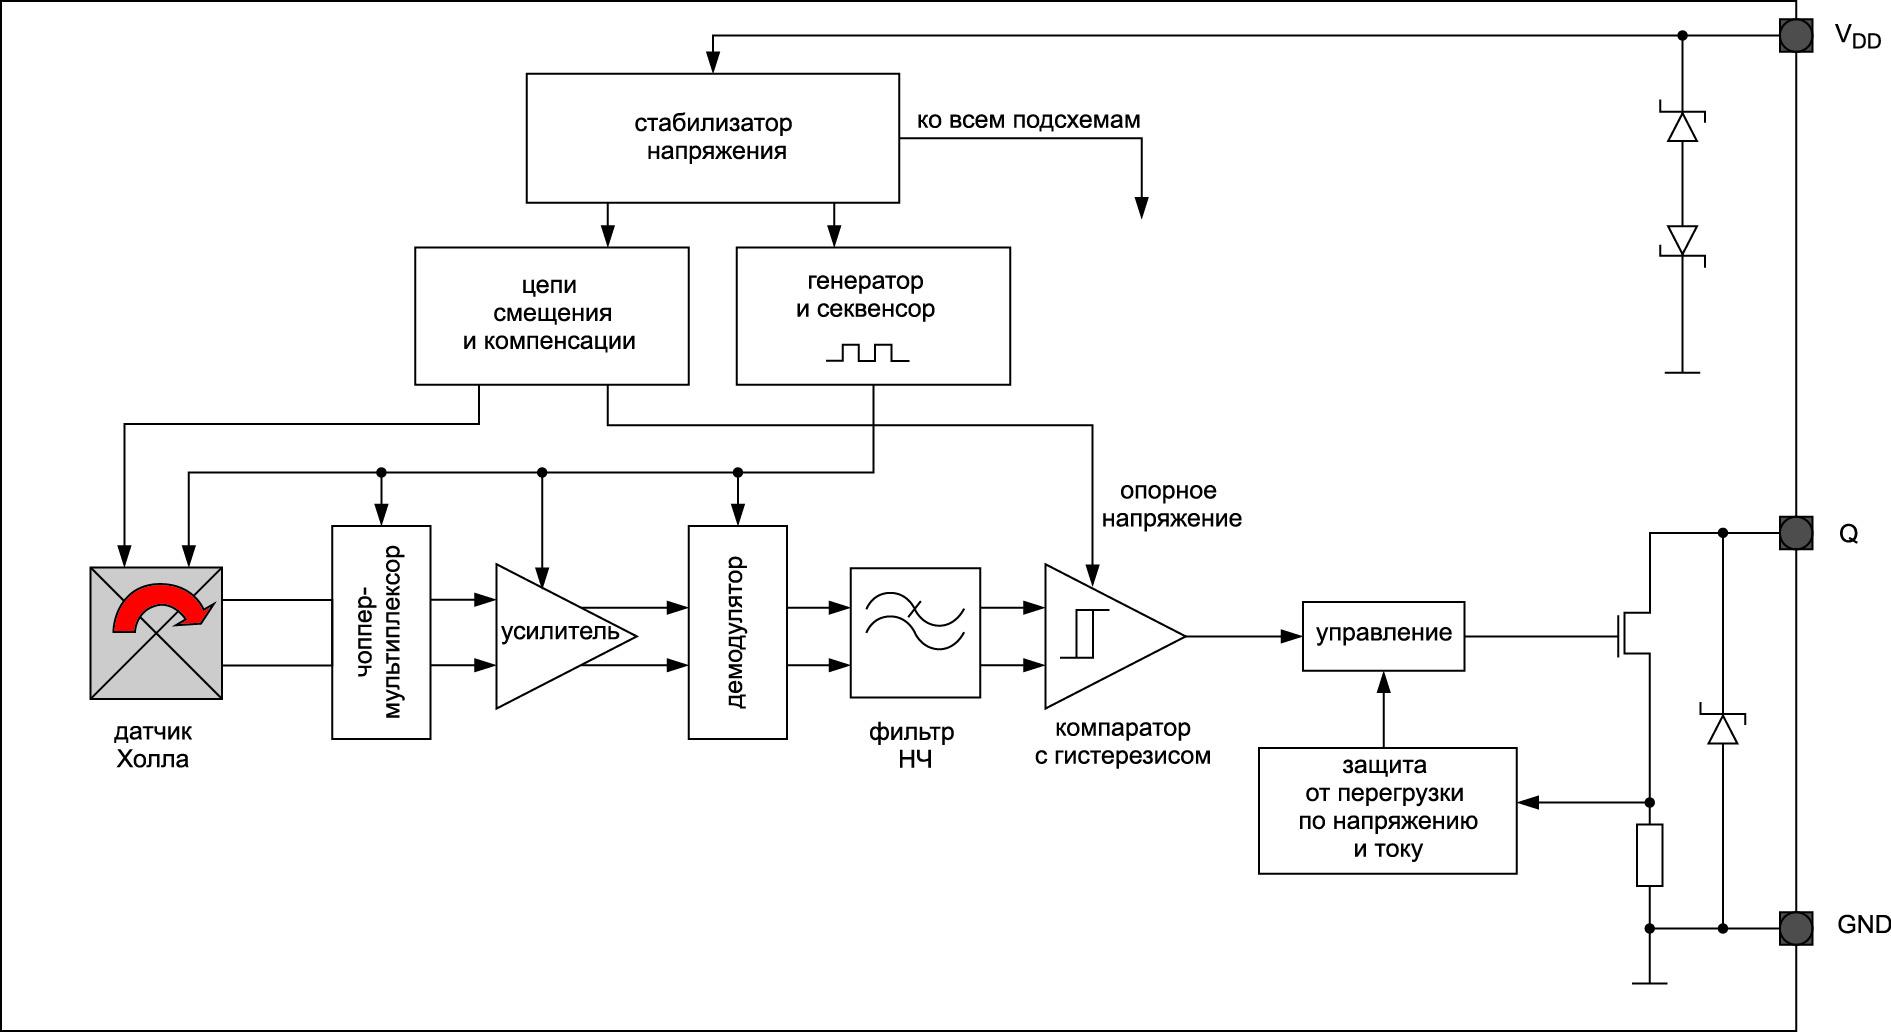 Блок-схема датчиков Холла TLV496x-xTA/B. В отличие от 5-В приборов TLE/TLI496x-XM, варианты TLV имеют защиту от перегрузки по току и перегрева и могут работать от нестабилизированного источника питания